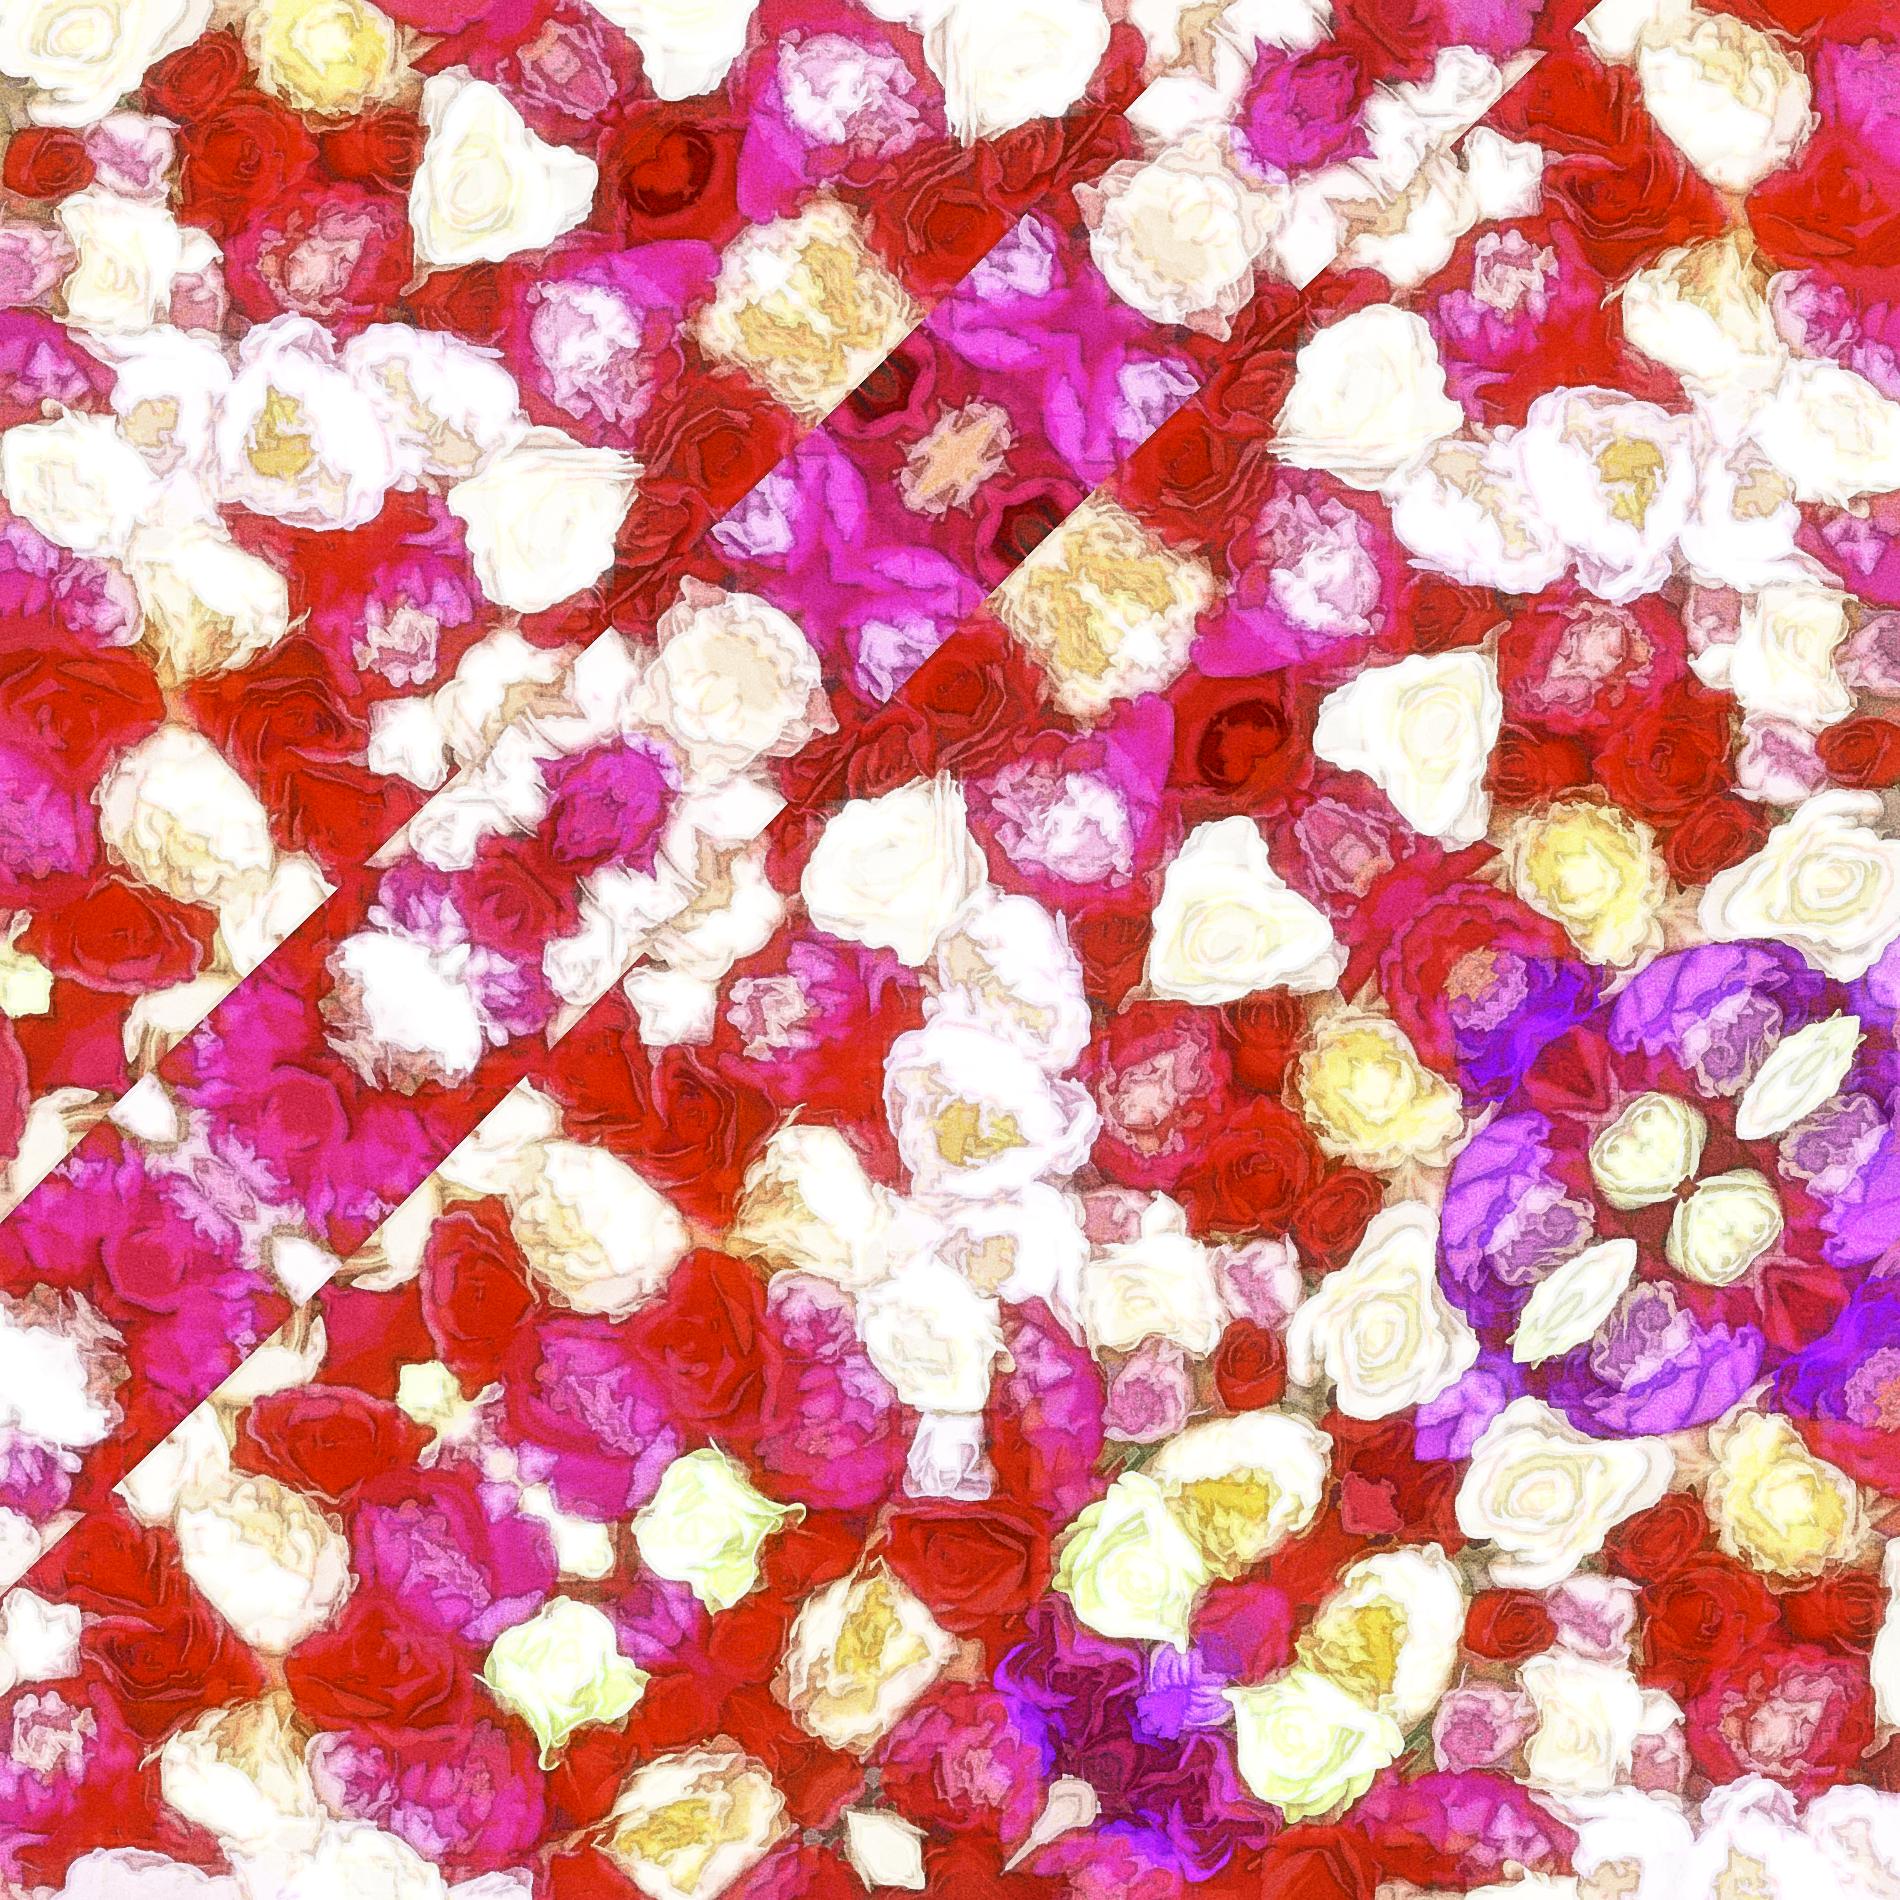 上品なキラキラローズ&おしゃれなバラの輝き:水彩